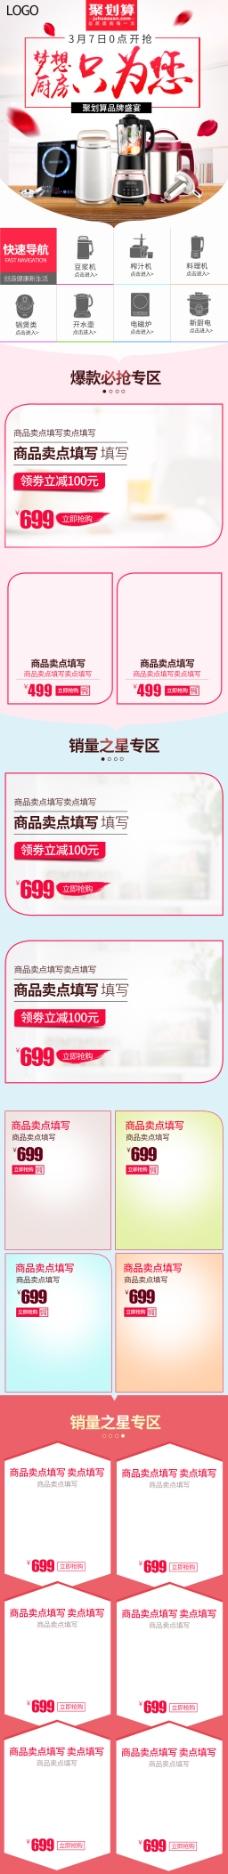 淘宝天猫京东妇女节情人节活动海报首页模板